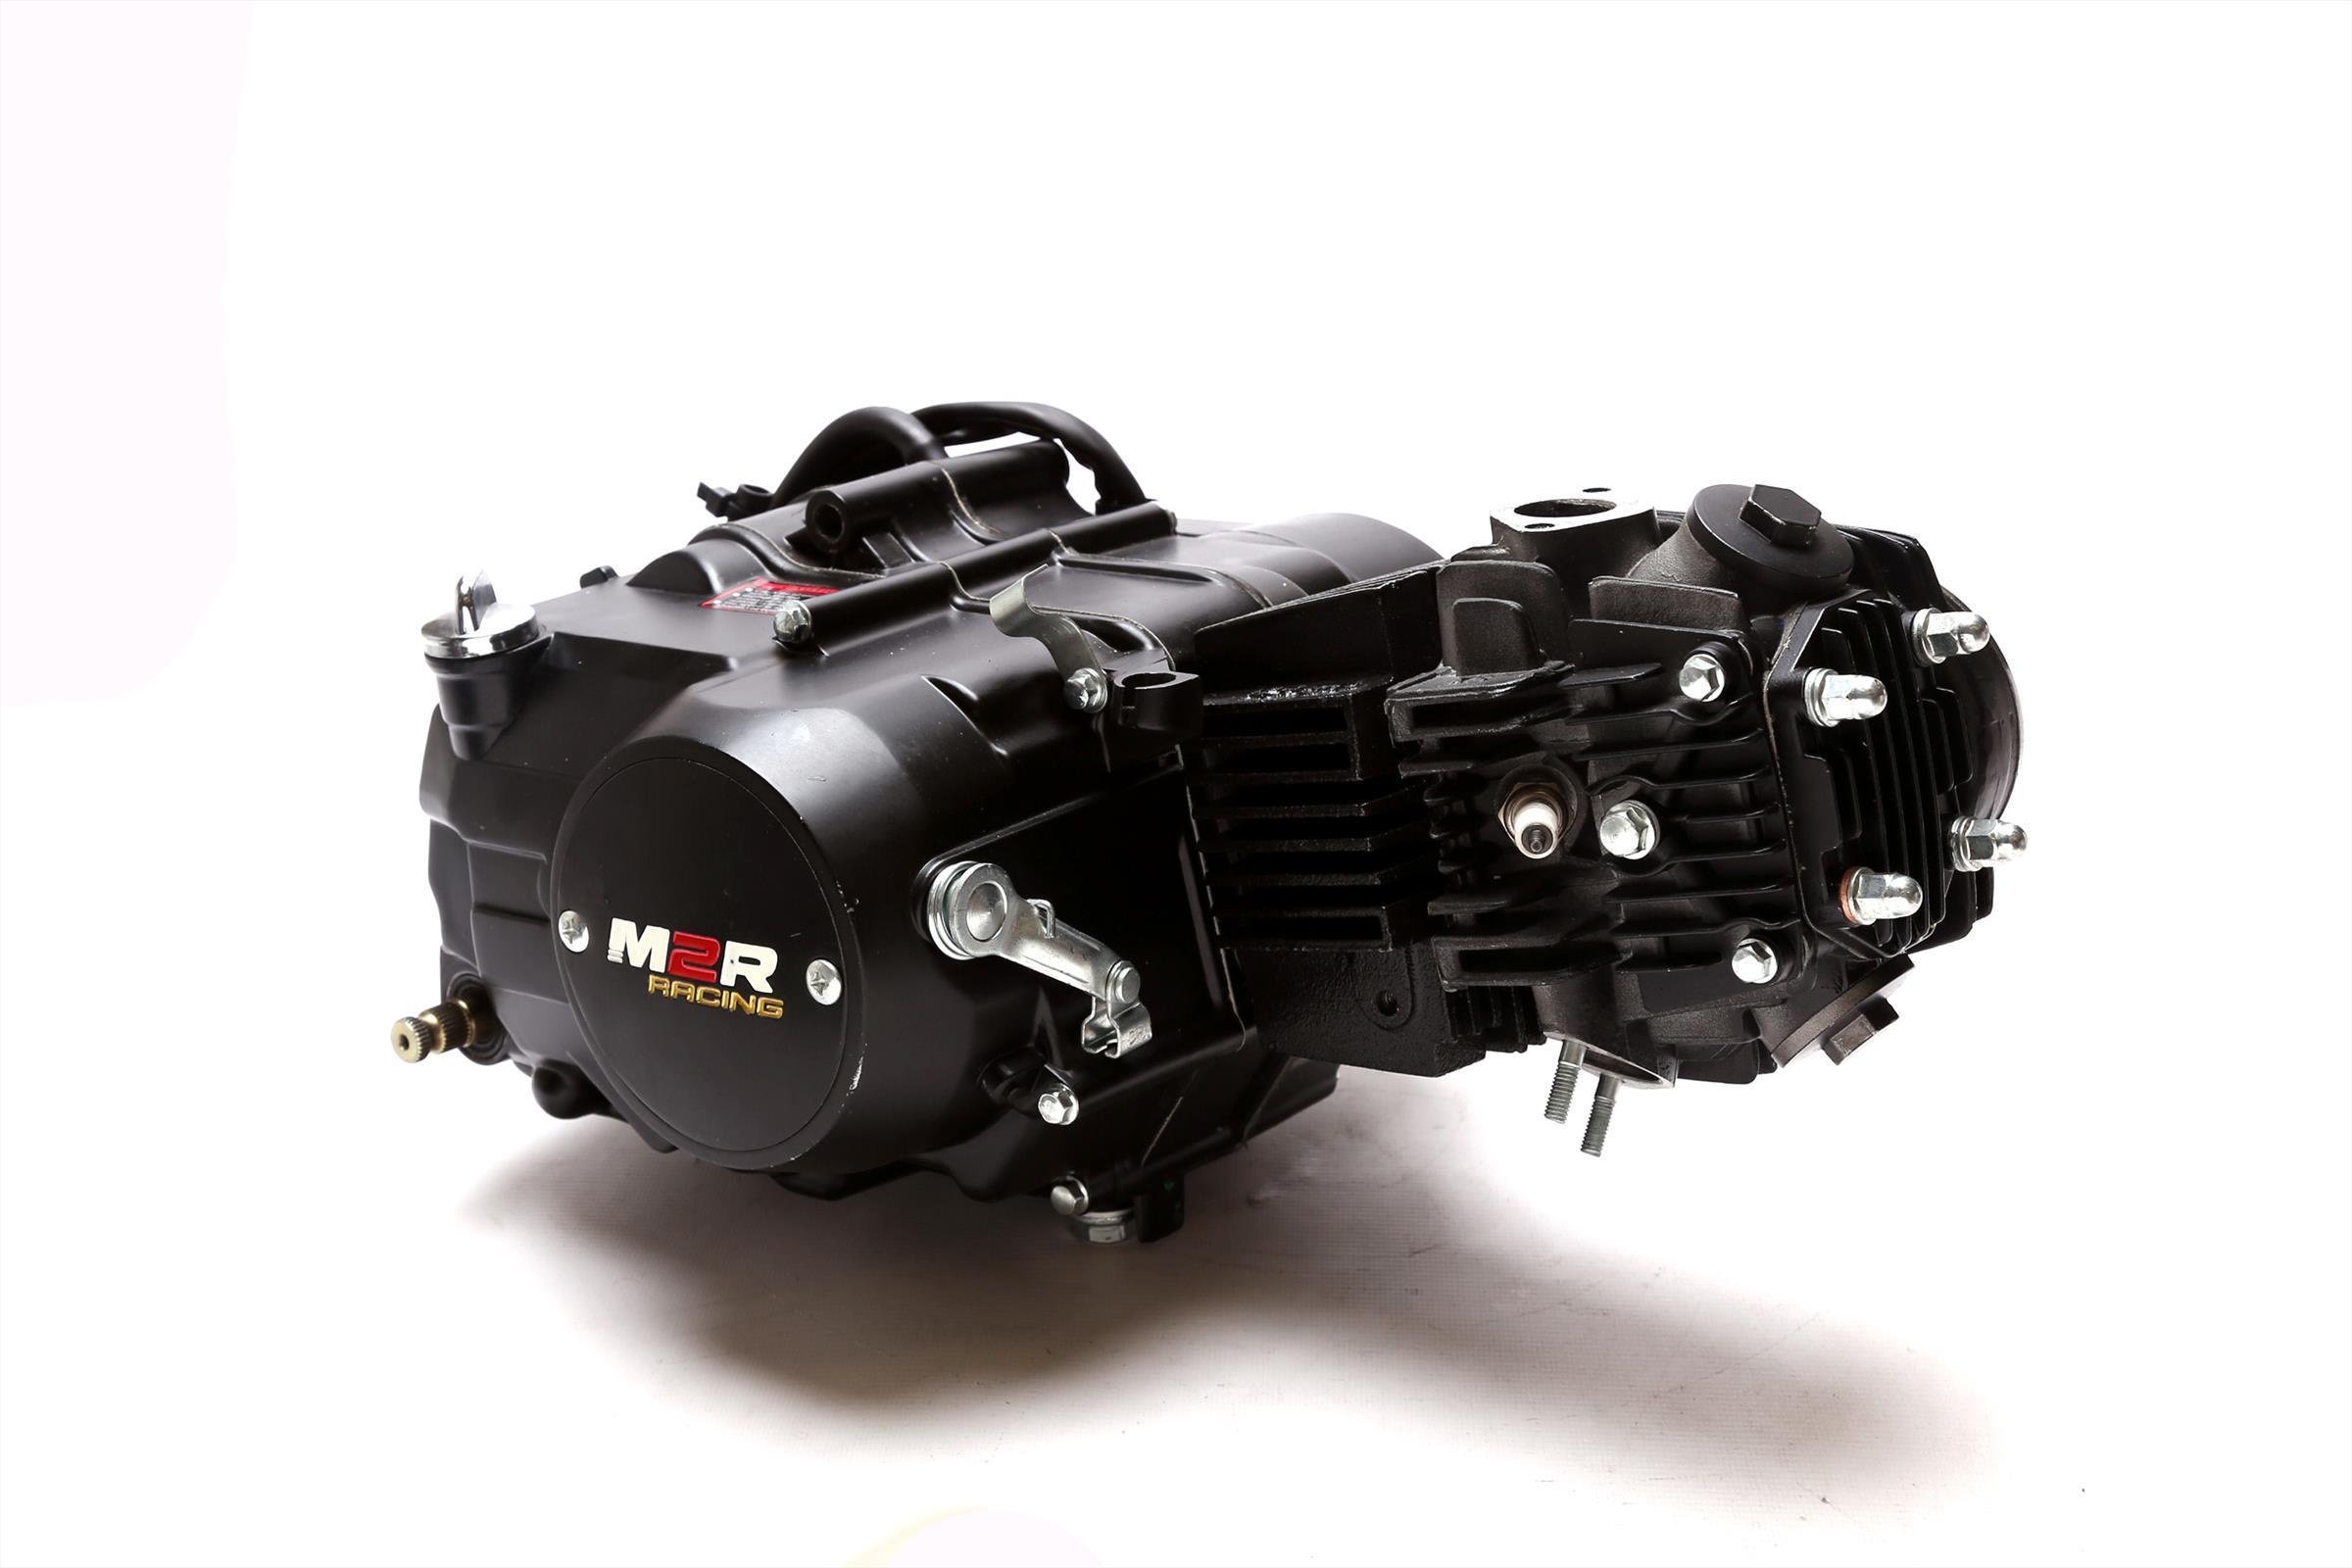 m2r kxf125 pit bike basic 125cc engine. Black Bedroom Furniture Sets. Home Design Ideas